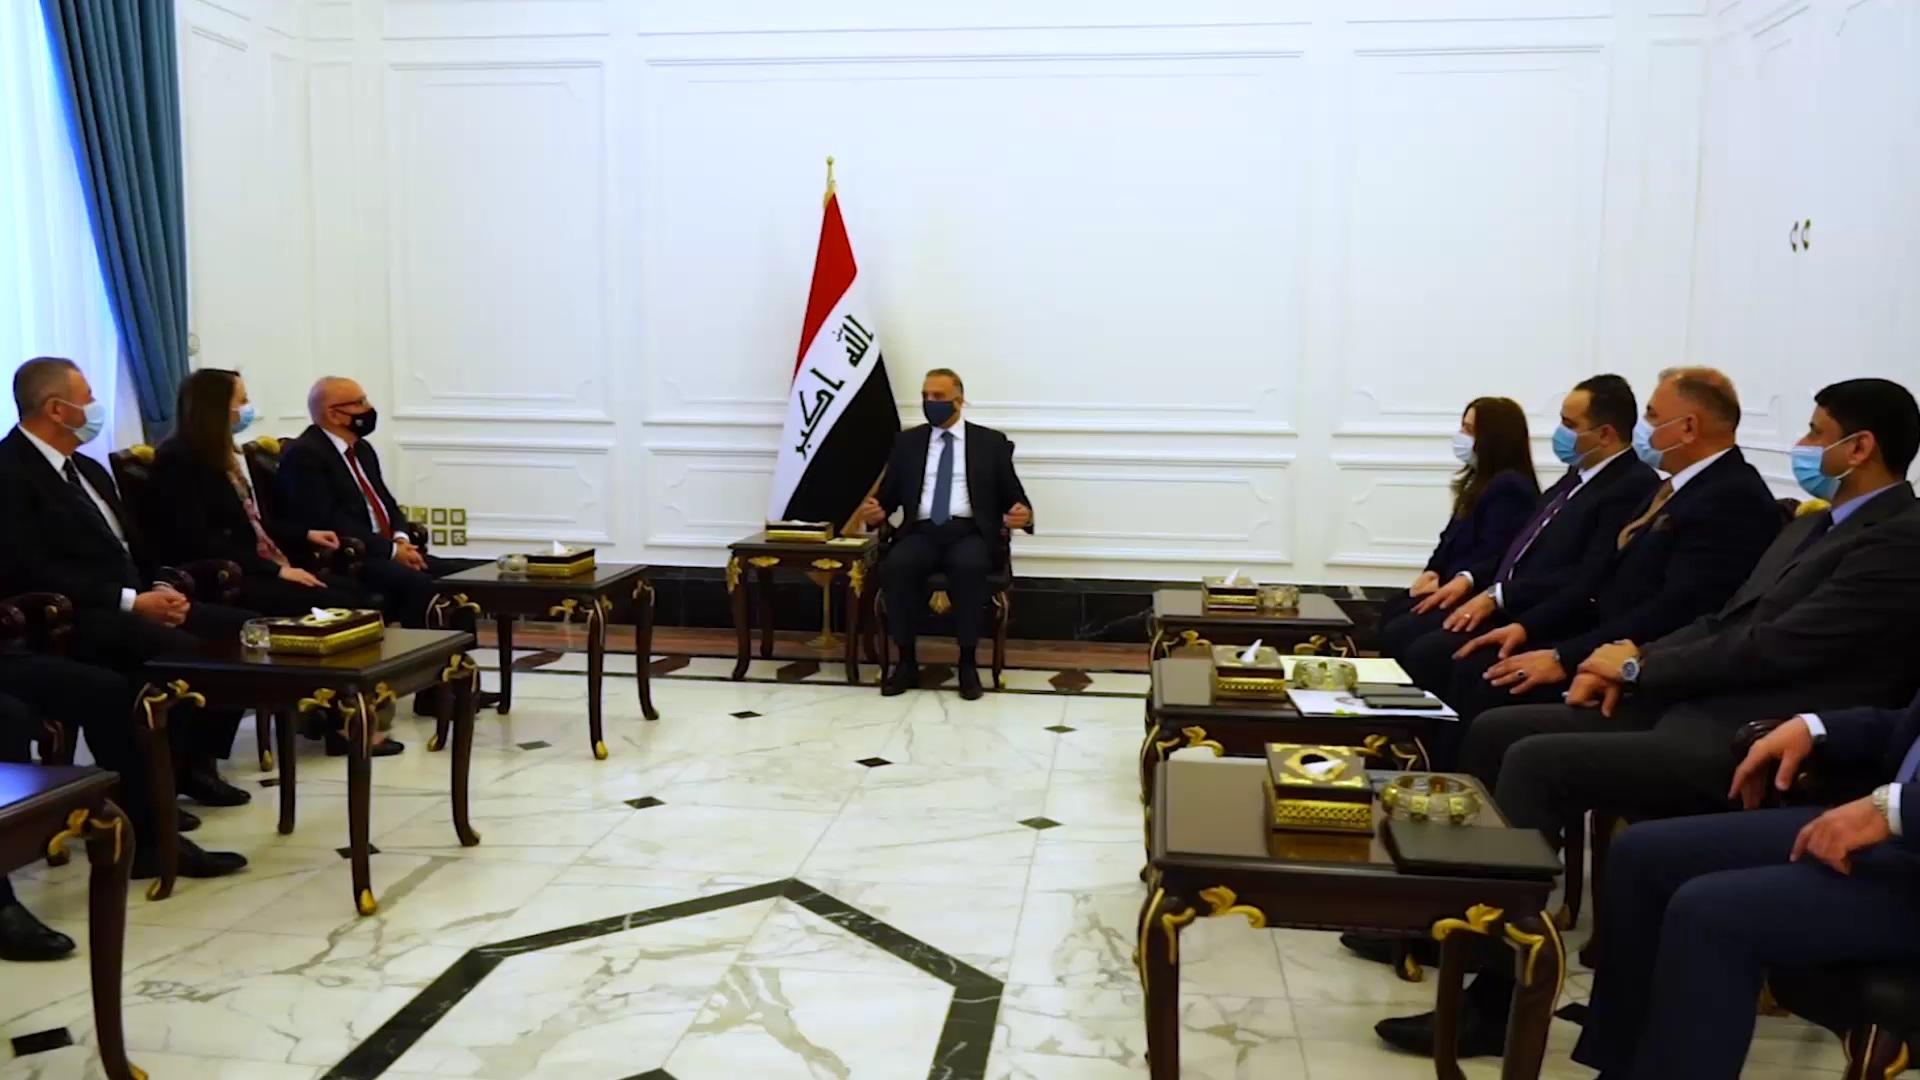 العراق | الكاظمي يؤكد لوفد أردني أهمية تعزيز التعاون وتطبيق الاتفاقيات بين بغداد وعمان